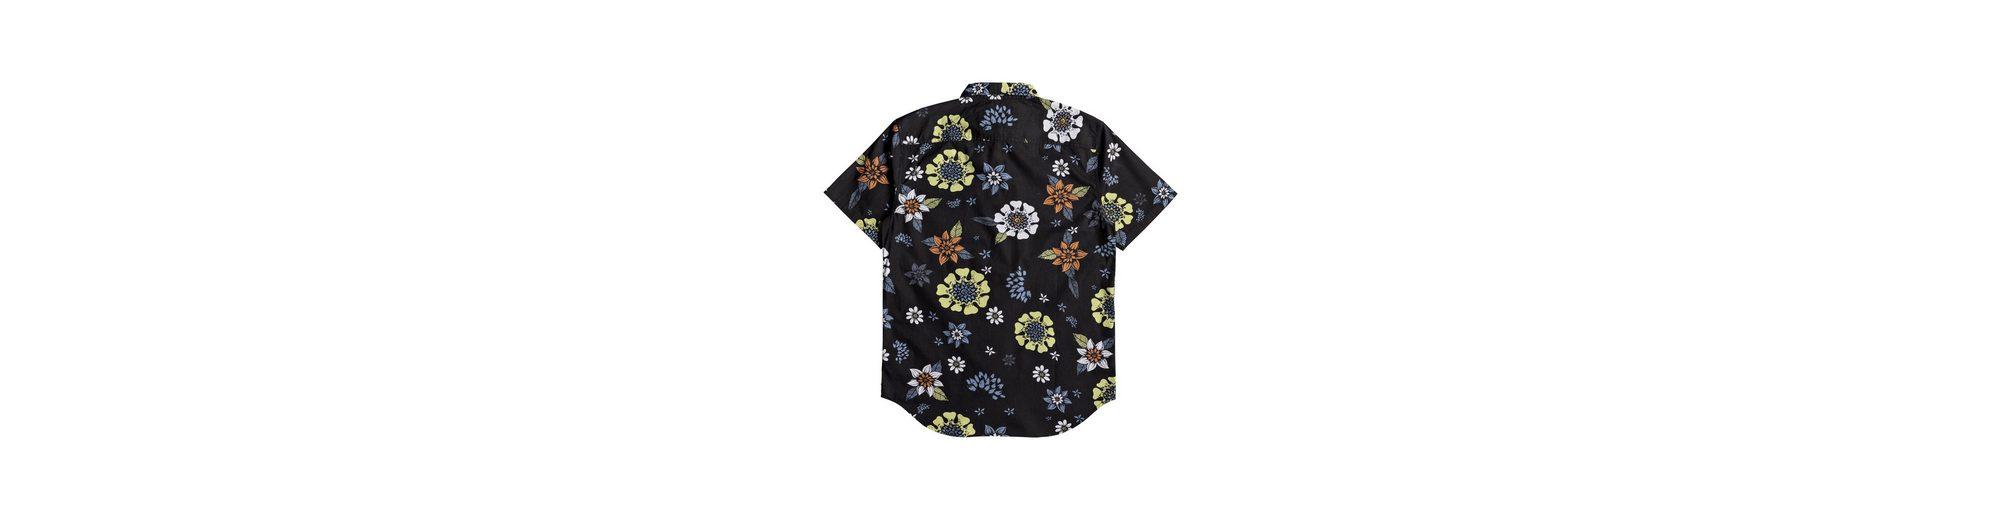 Quiksilver Kurzarmhemd Sunset Floral Original Günstig Online Neue Ankunft Art Und Weise Guter Service Starttermin Für Verkauf Visa-Zahlung Online 7fdrm